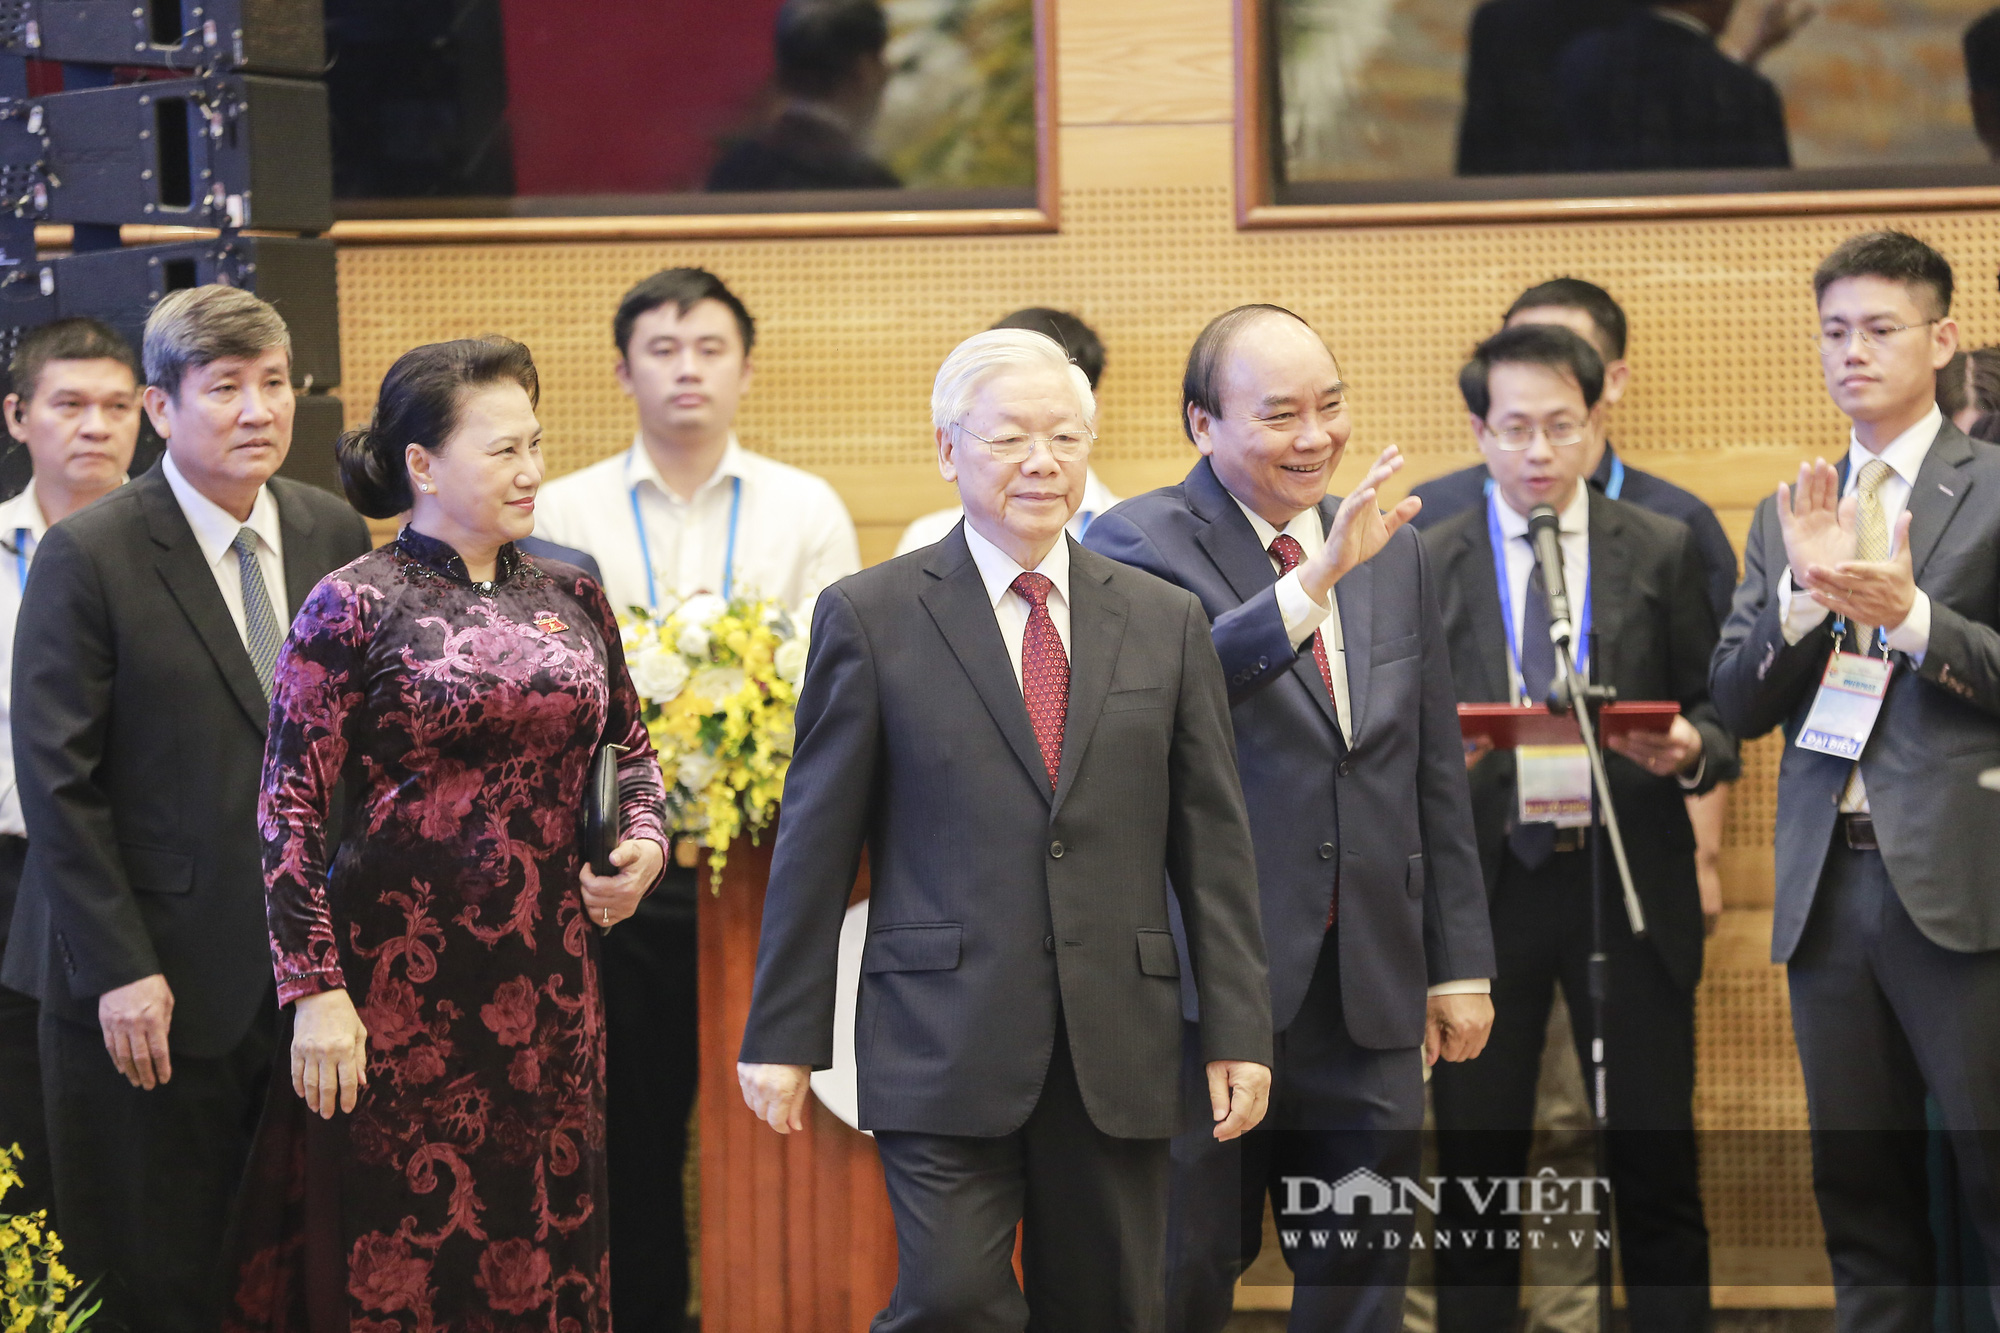 Toàn cảnh Khai mạc Hội nghị Cấp cao ASEAN lần thứ 37 - Ảnh 6.